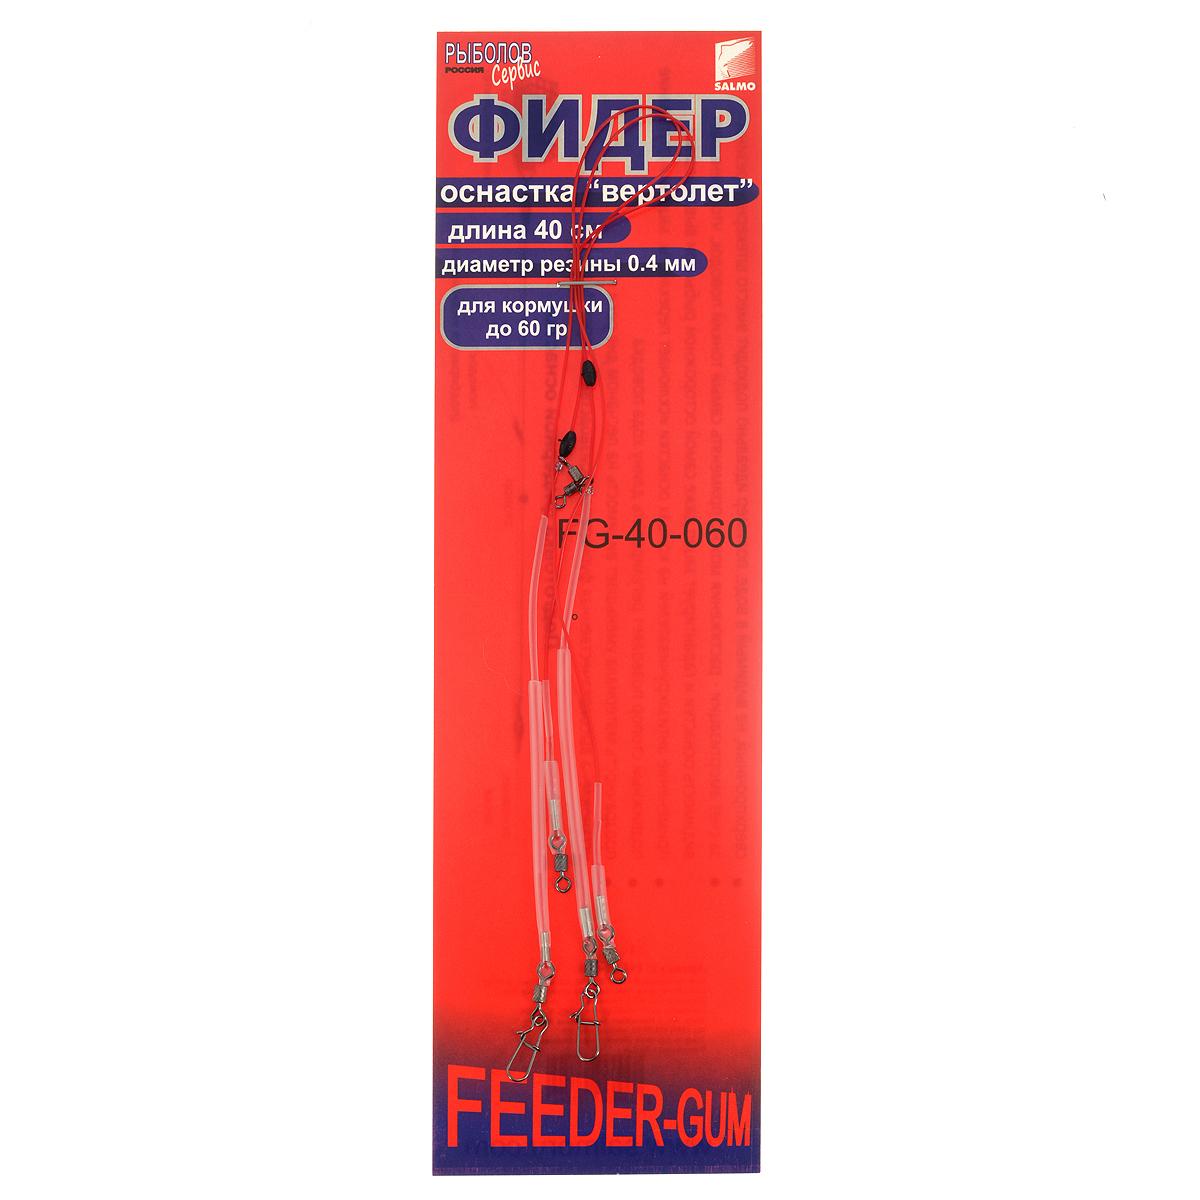 Оснастка фидерная Salmo Feeder-Gum, красная нить, 40 см, 2 штLJP6512-030Готовая к применению фидерная оснастка Salmo Feeder-Gum для ловли с кормушкой. Особенности оснастки: Сверхпрочный, не видимый в воде, полимер идеально подходит вместо штекерной резины. За счет растяжения можно применять самый тонкий поводок, что уменьшает видимость оснастки и гарантирует зацеп даже самой осторожной рыбы при вываживании. Применение антизакручивателей на концах оснастки исключает перехлесты, зацепы и спутывание. Подвижный стопор позволяет регулировать длину хода поводка. Установлена высококачественная фурнитура. Оснастка вертолет. Длина: 40 см. Диаметр резины: 0,4 мм. Для кормушки до 60 г. Рекомендуем!